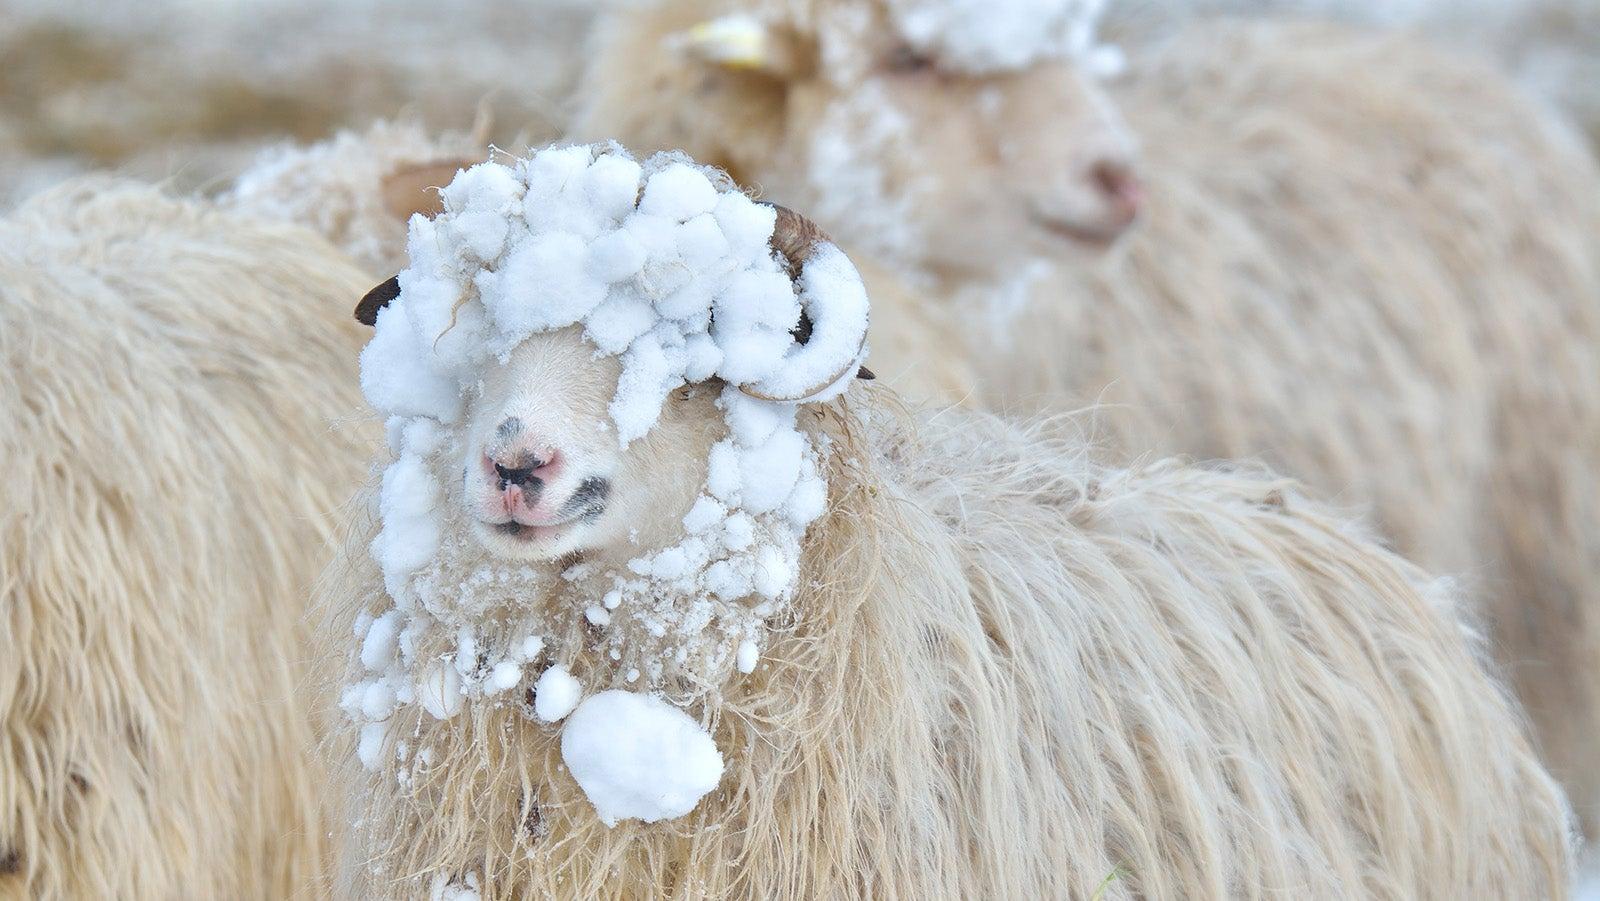 Schafskälte: Wie das Wetterphänomen entsteht